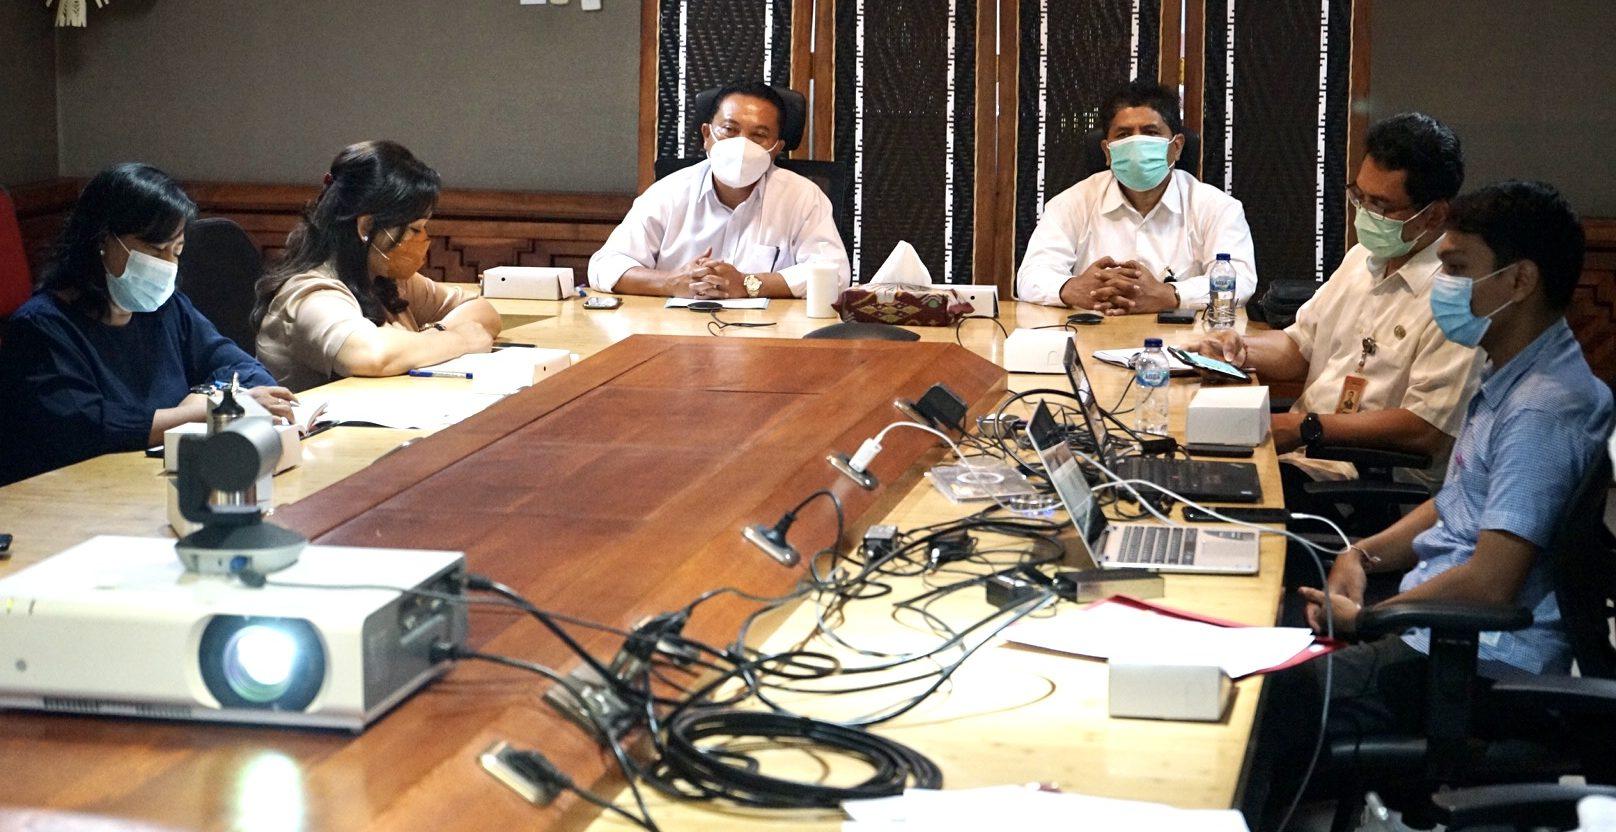 Pj. Sekda Kota Denpasar, I Made Toya, memimpin rapat bersama Satgas Penanganan Covid-19 Pemkot Denpasar, Senin (8/2/2021) di Gedung Sewaka Dharma. Foto: ist